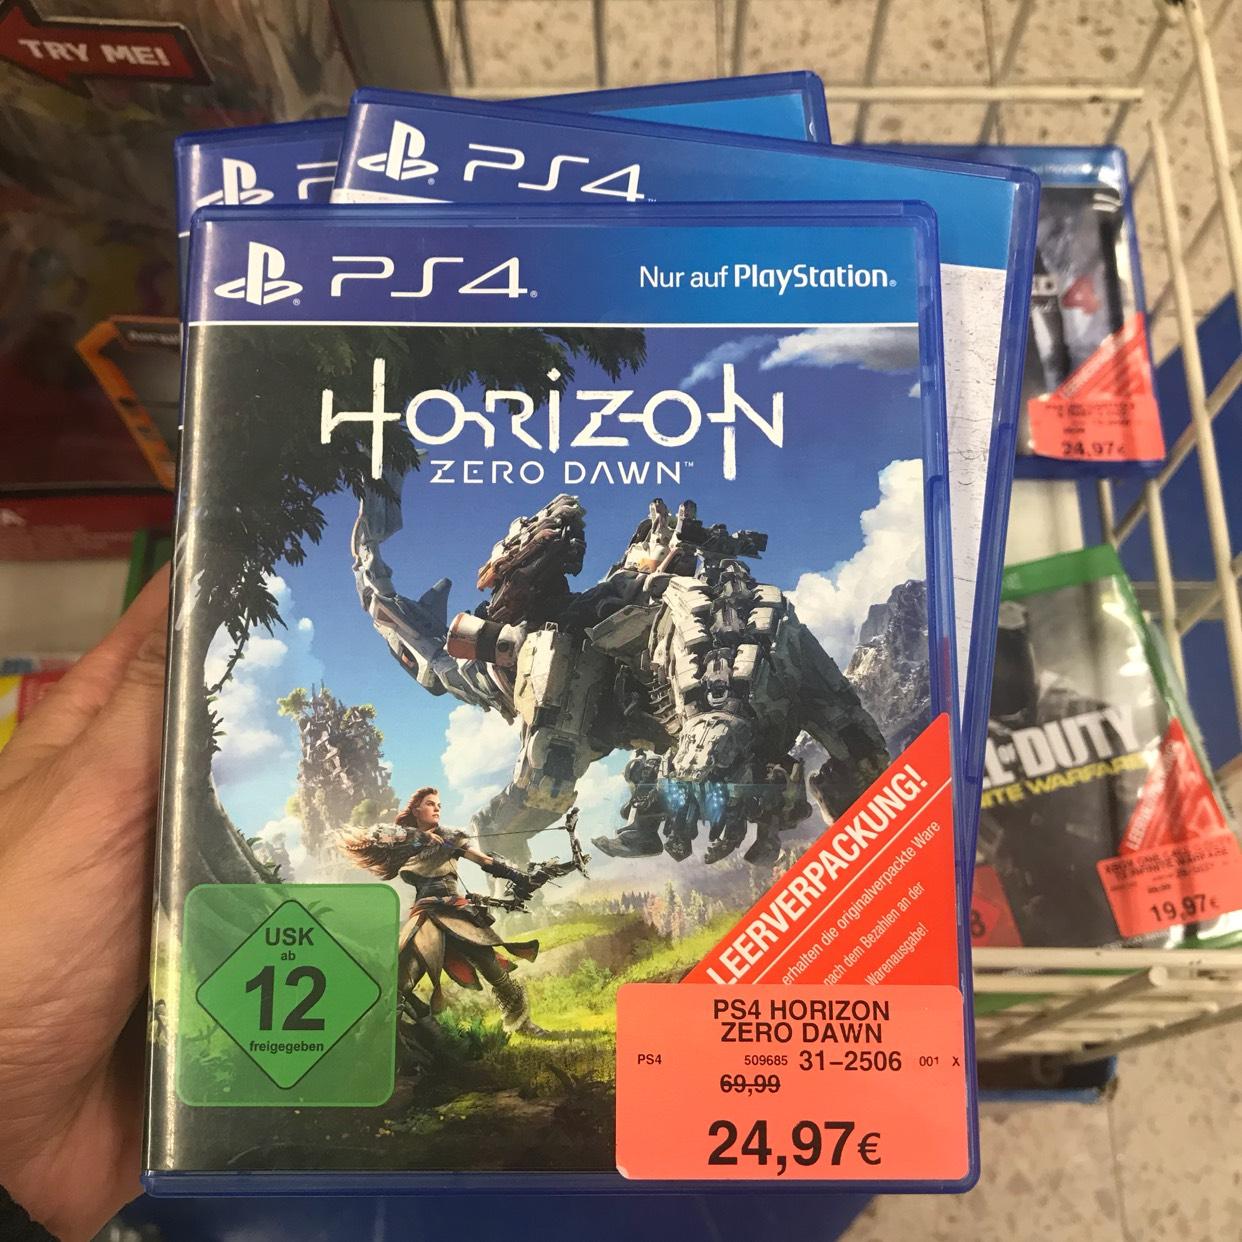 Lokal Toys R US Hamburg Eidelstedt / Horizon Zero Dawn 24,97€ oder Disney Infinity Star Wars für 5,97€